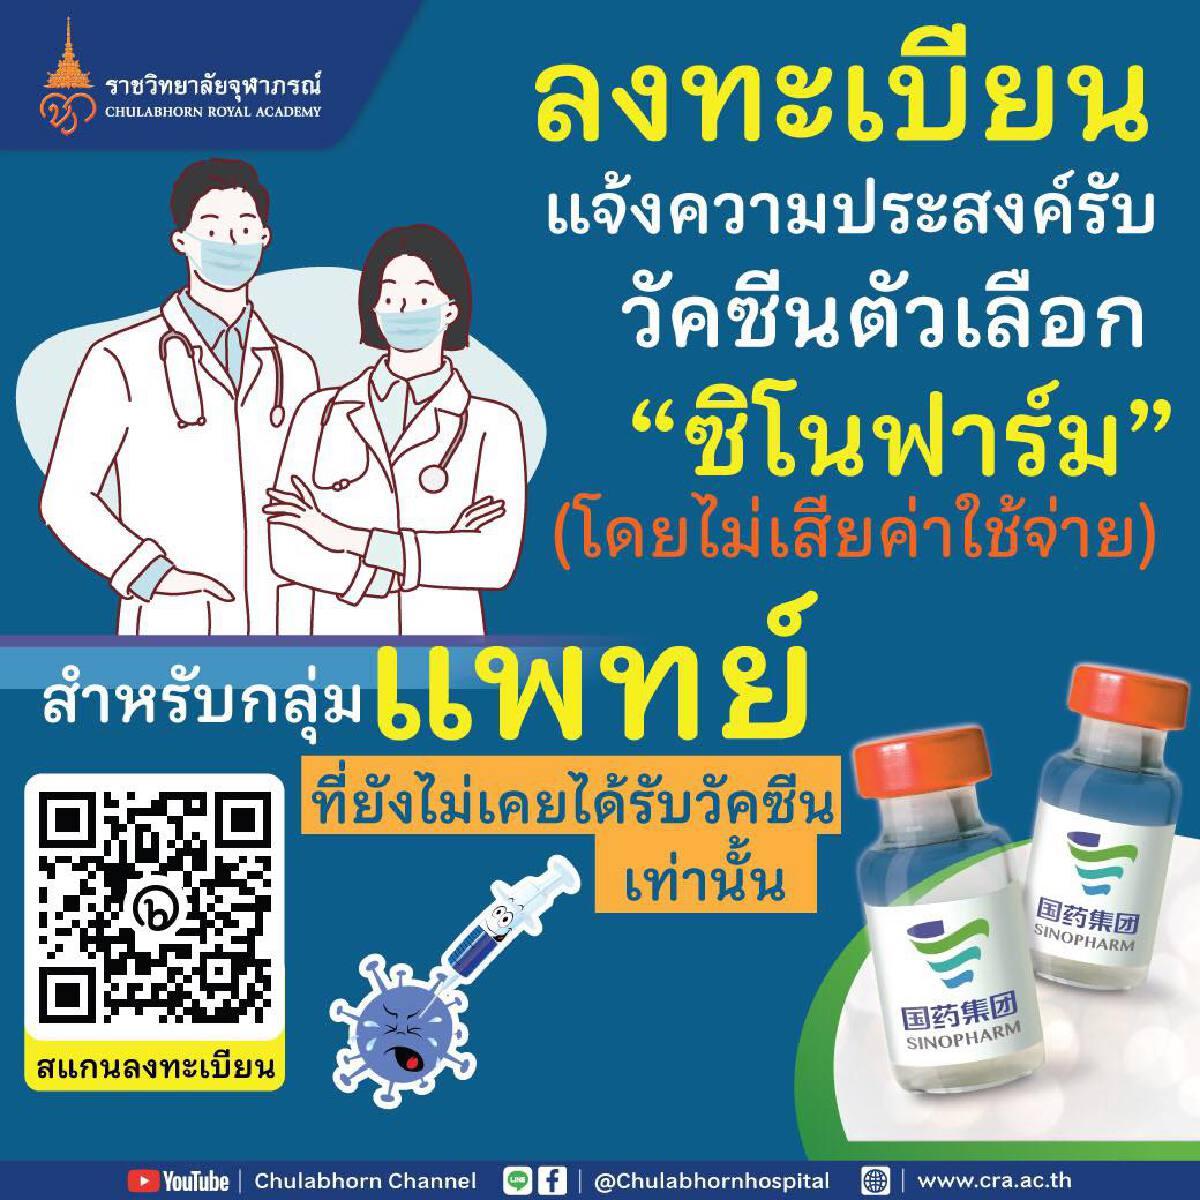 เปิดแล้ว! ราชวิทยาลัยจุฬาภรณ์ ให้แพทย์ จองฉีดวัคซีน ซิโนฟาร์มฟรี!!